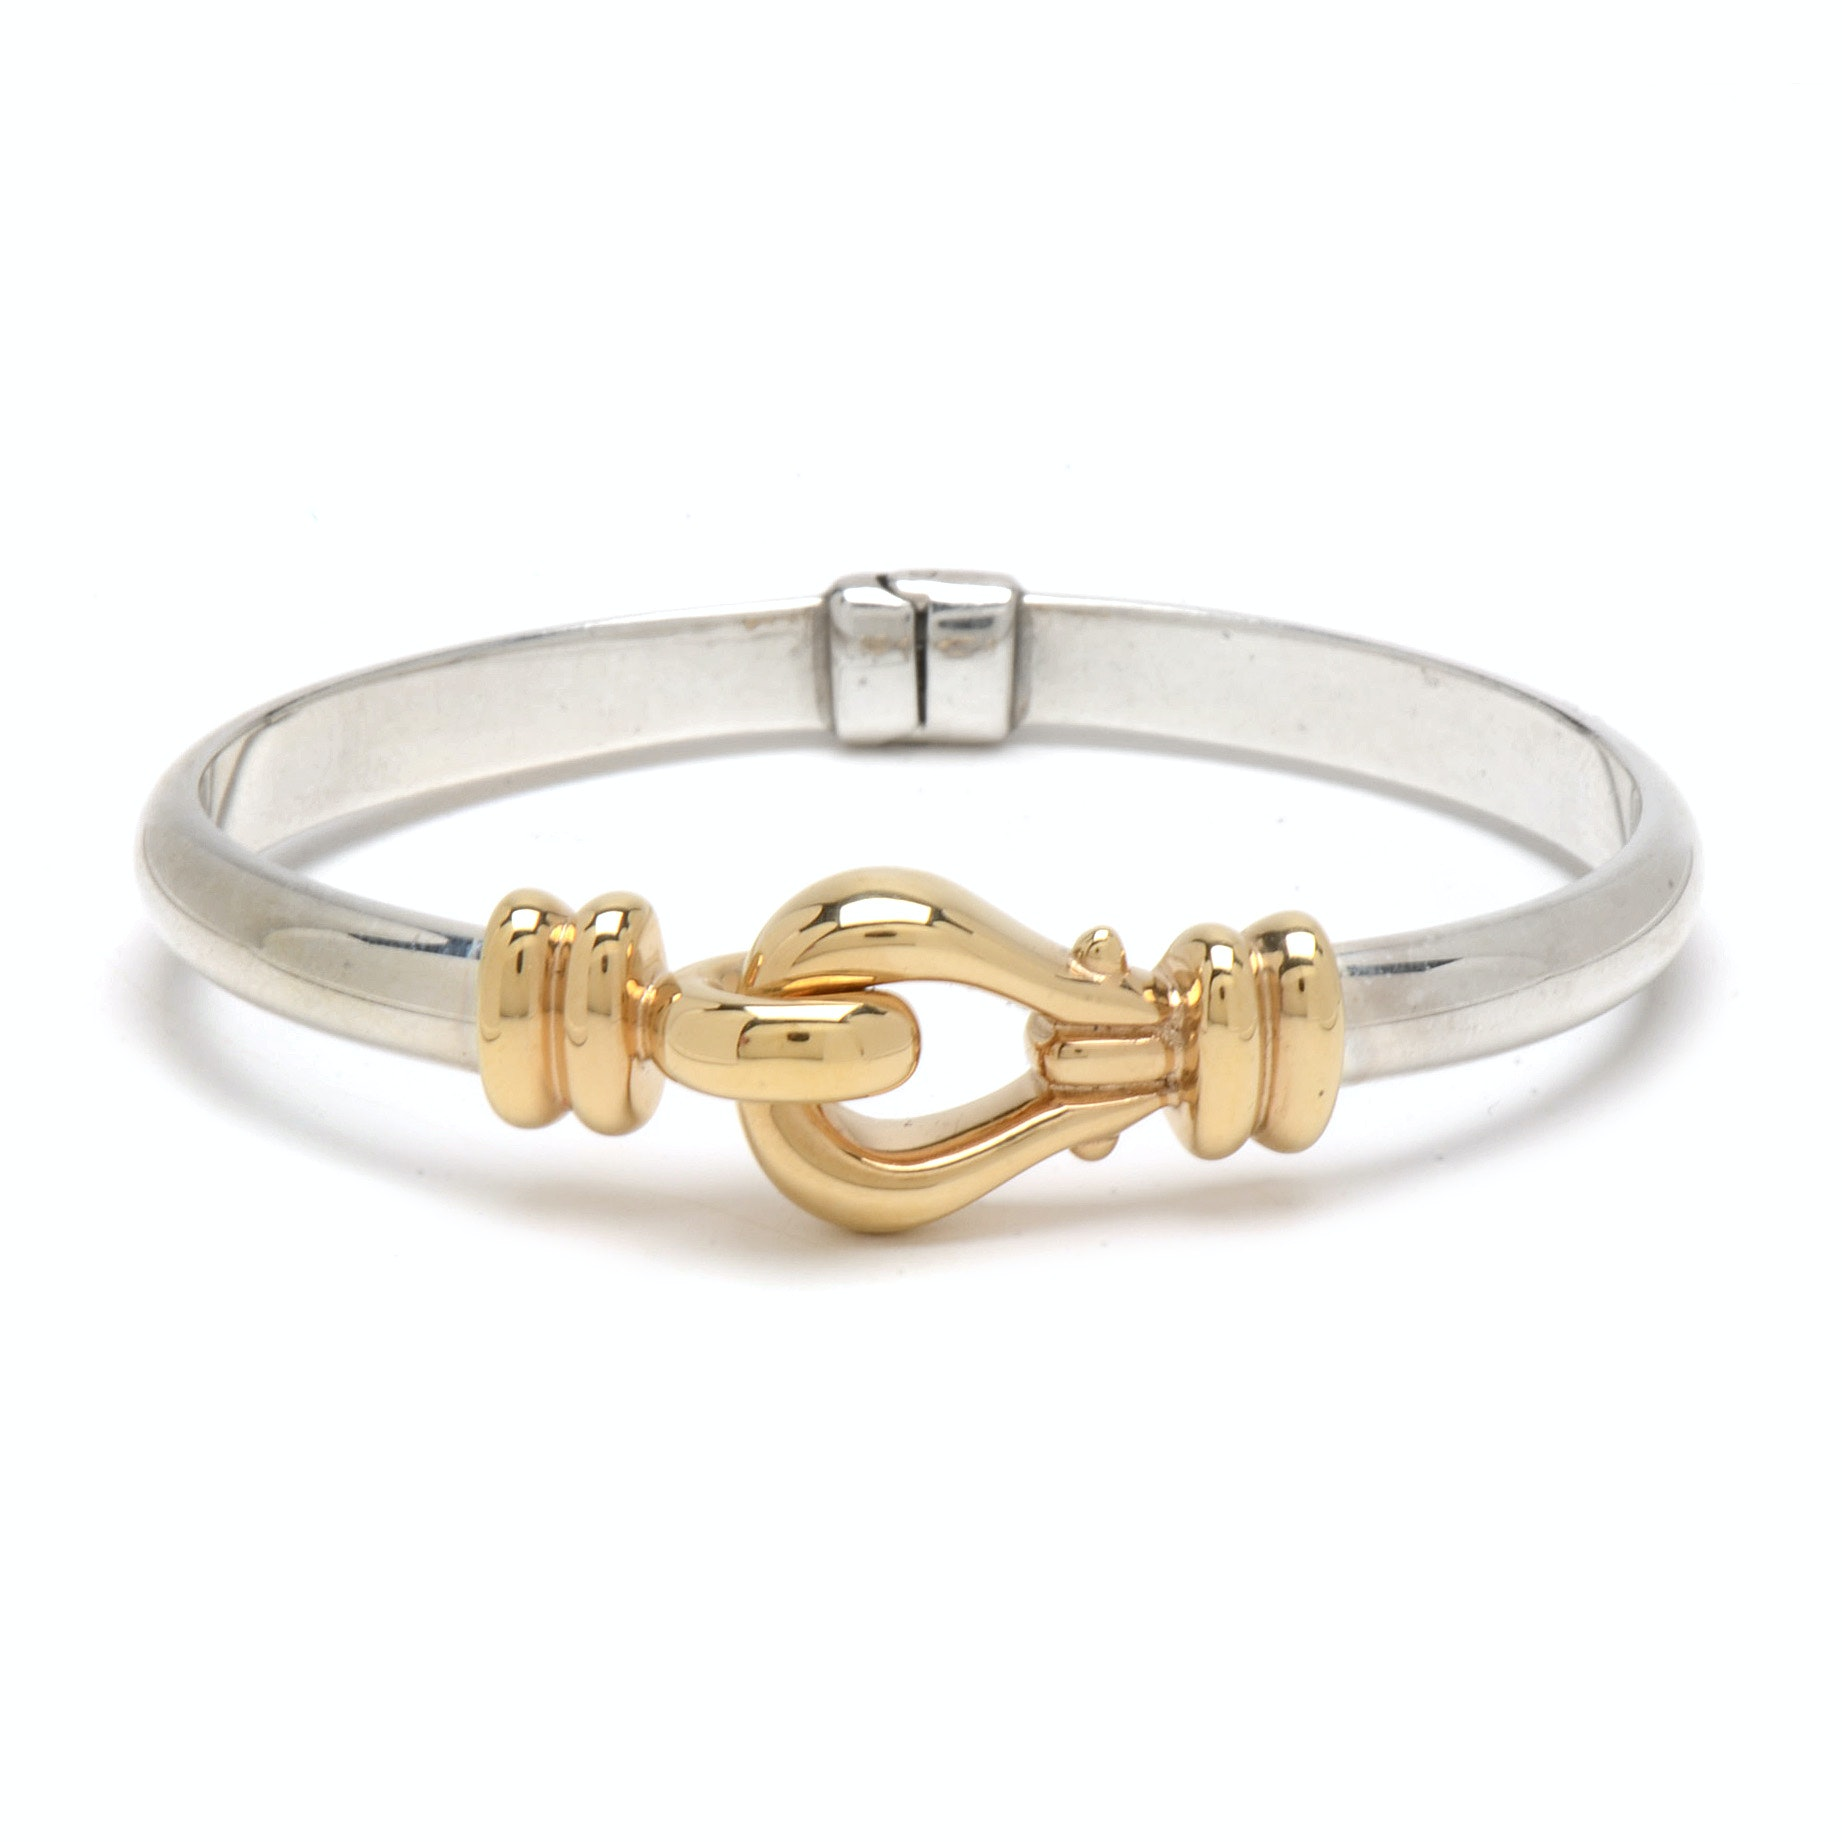 JTL Israel Sterling and 14K Gold Bracelet